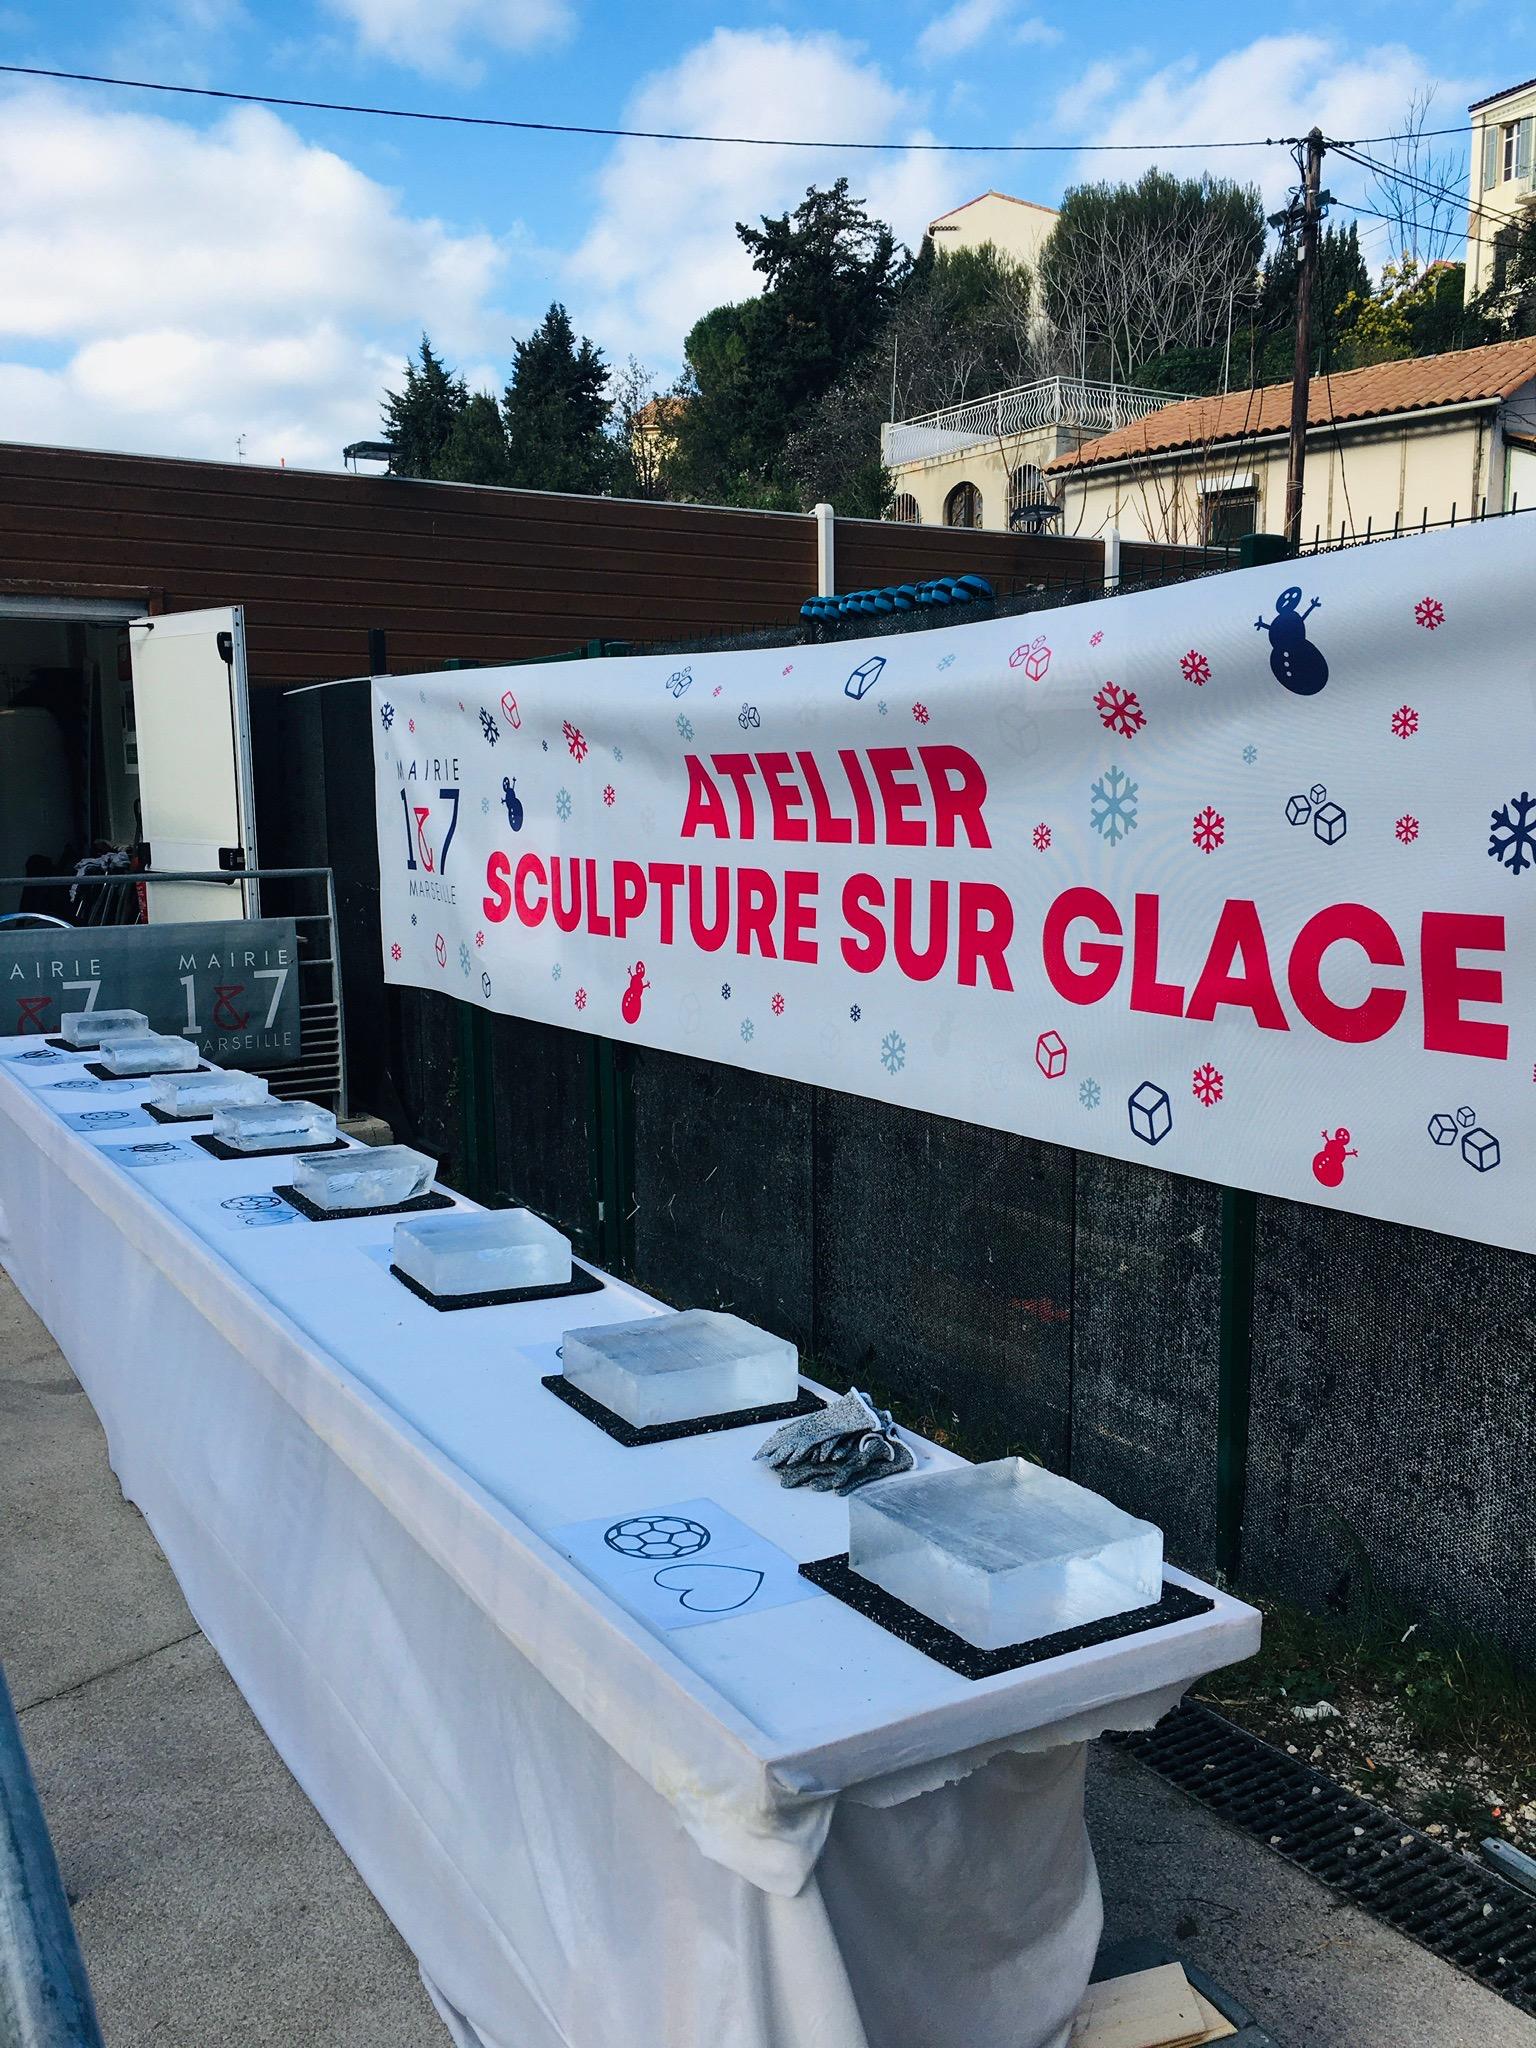 Atelier sculpture sur glace France